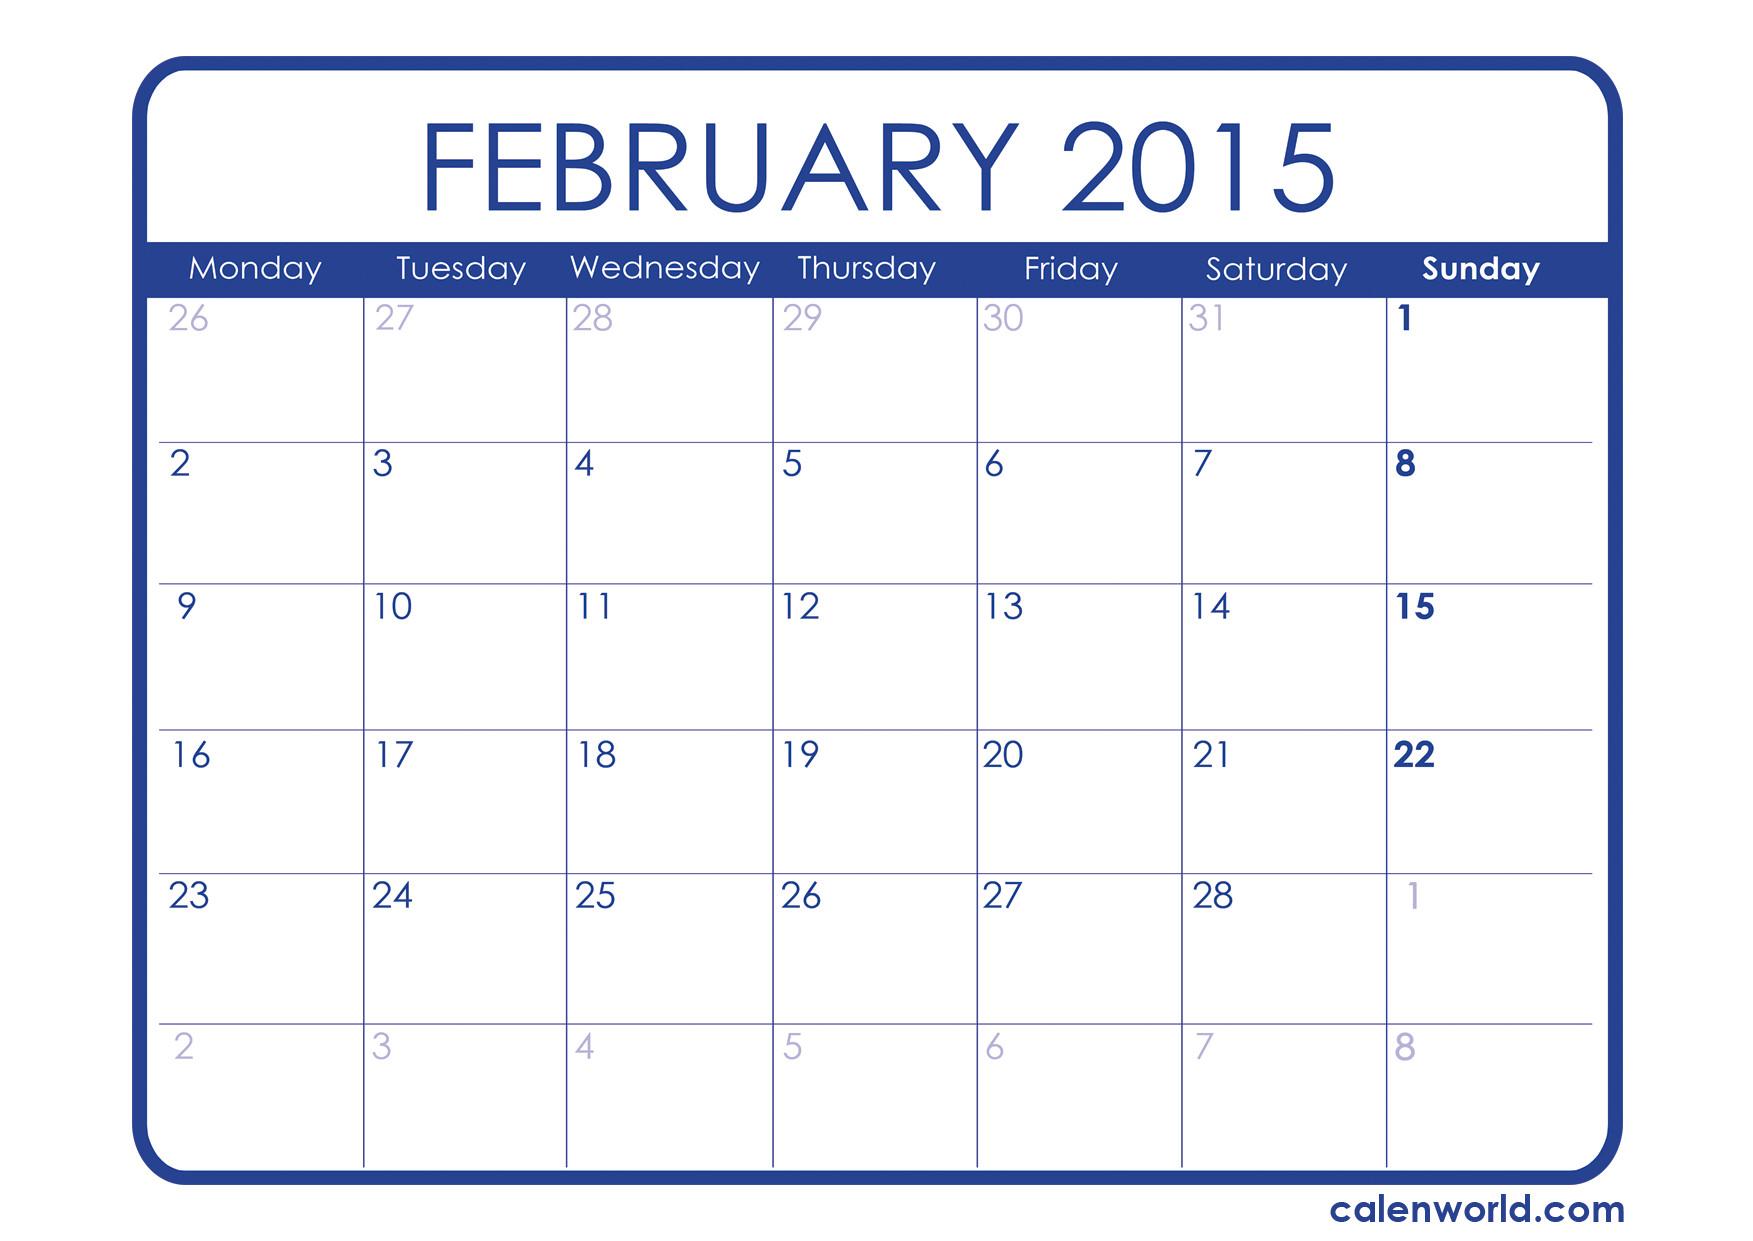 Free Calendar Template February 2015 February 2015 Calendar Printable Calendars